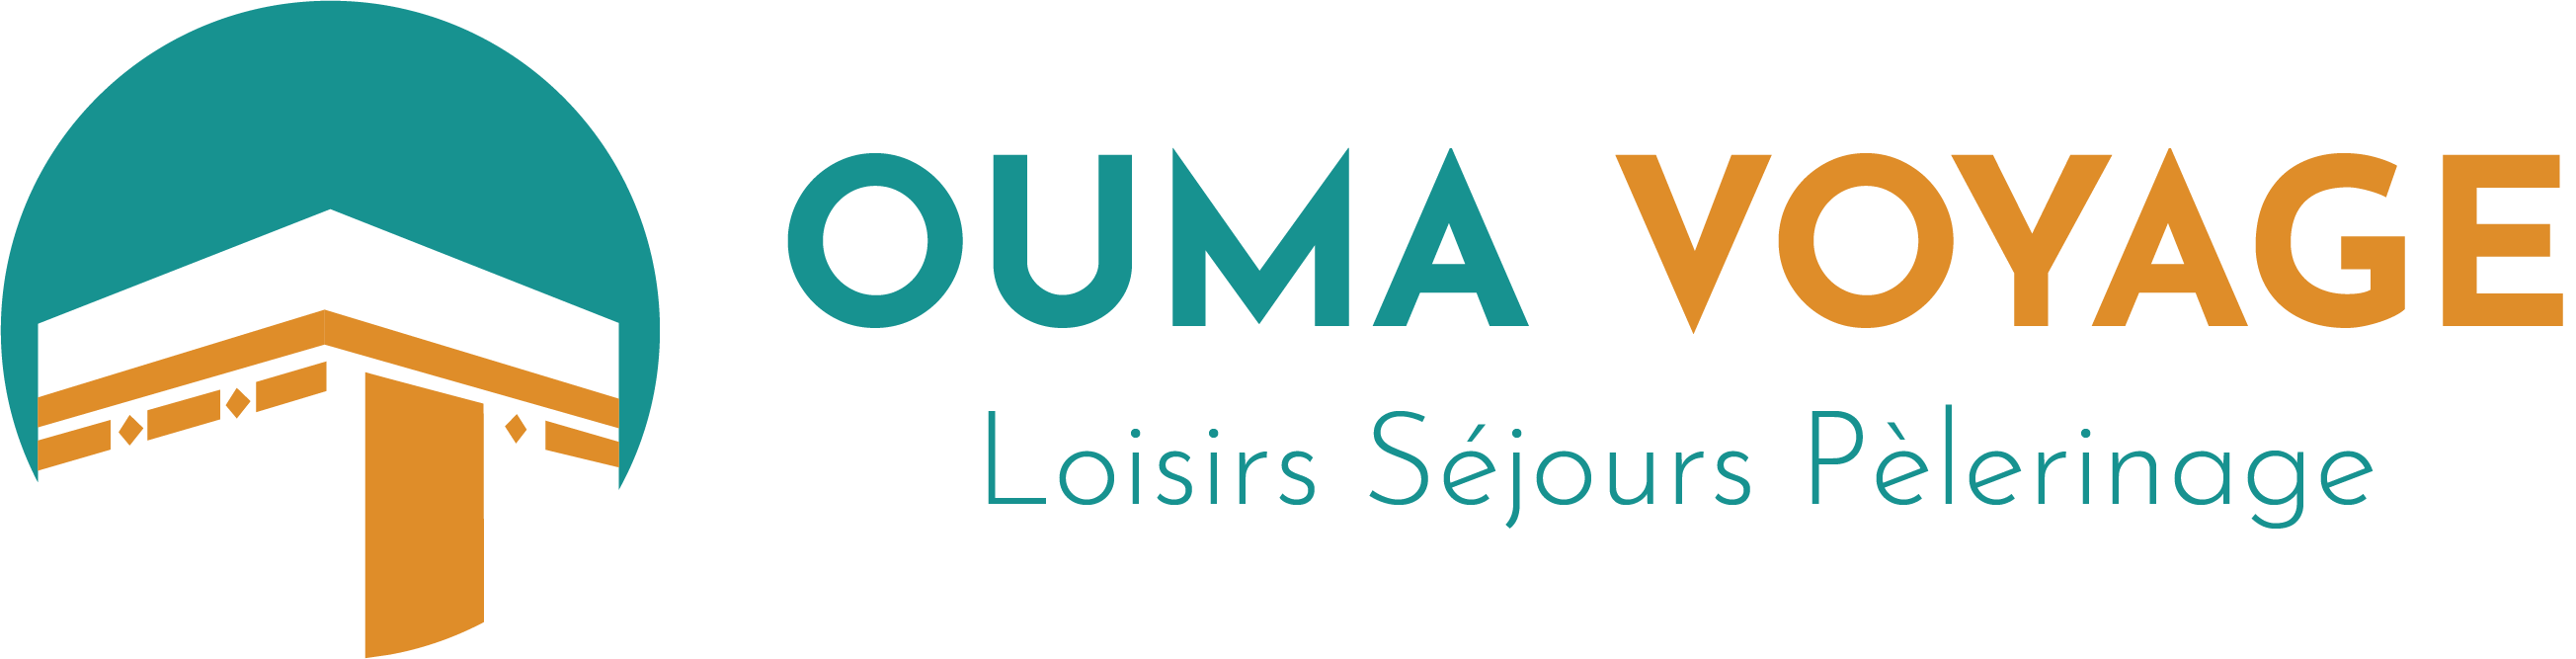 Ouma Voyage